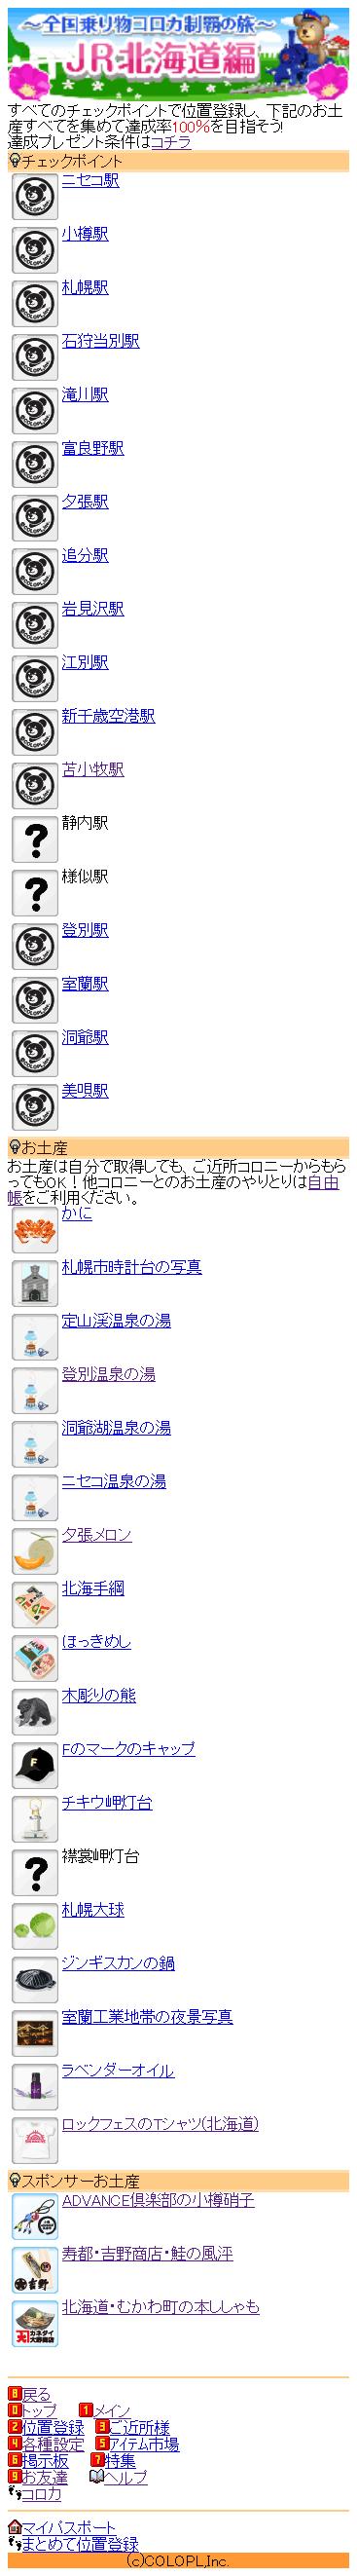 コロプラ:乗り物コロカ:JR北海道(道央) 達成率:92%